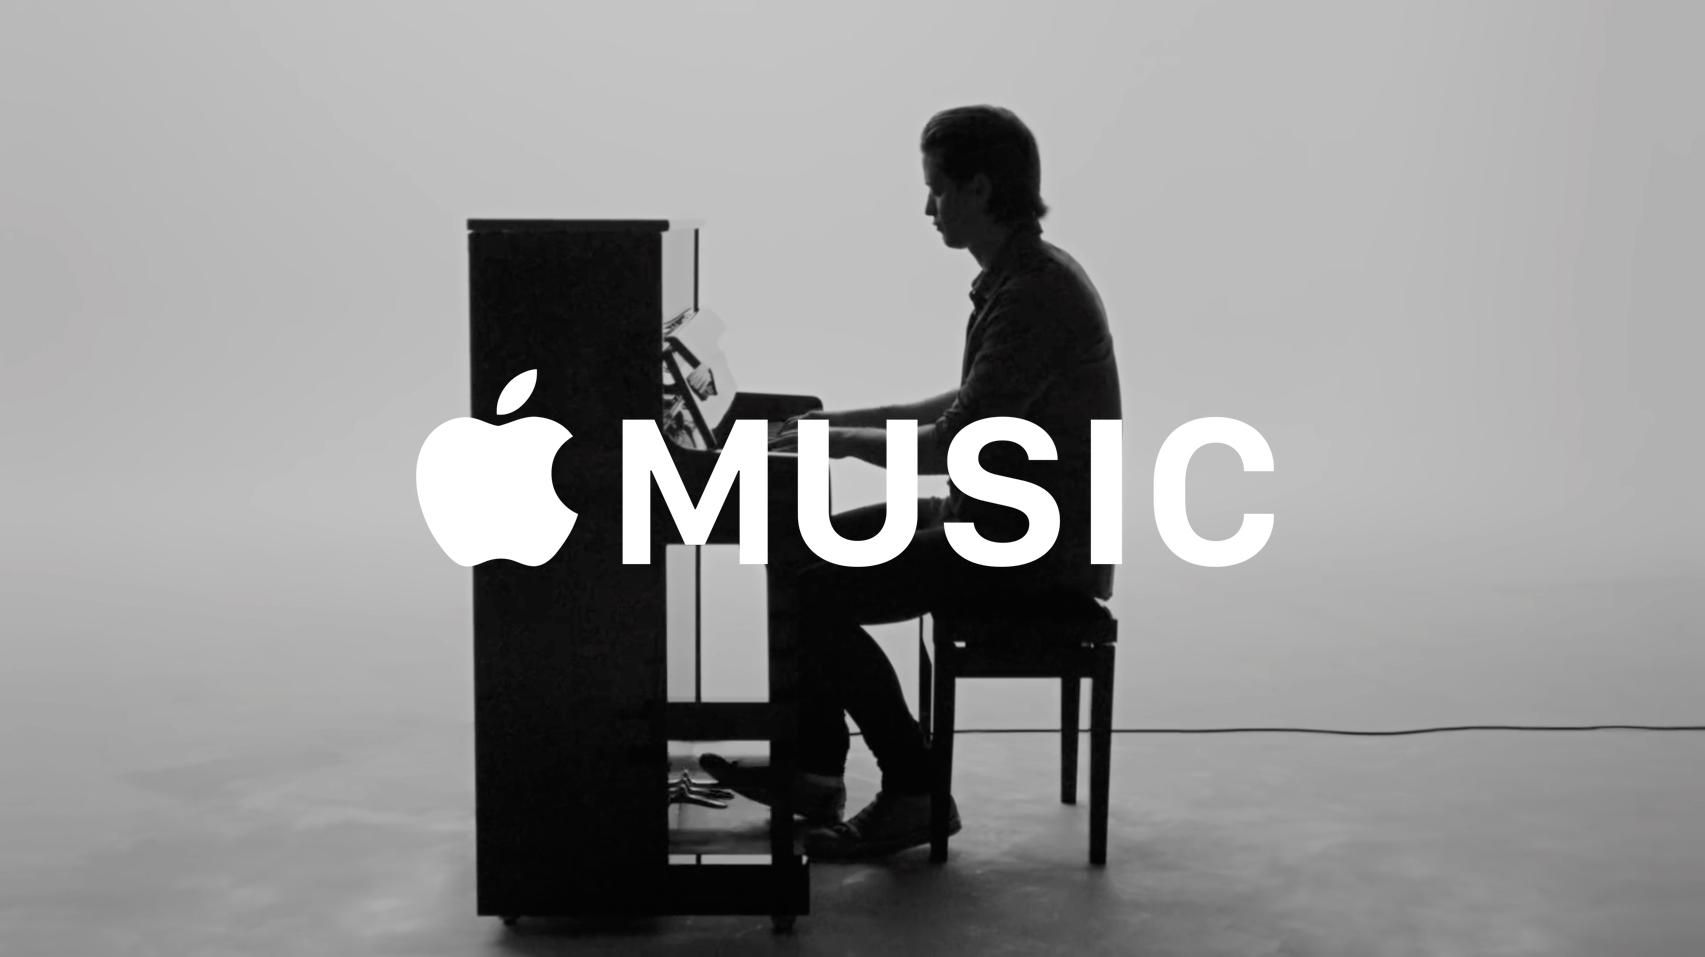 data-applenews-apple_music_tvad